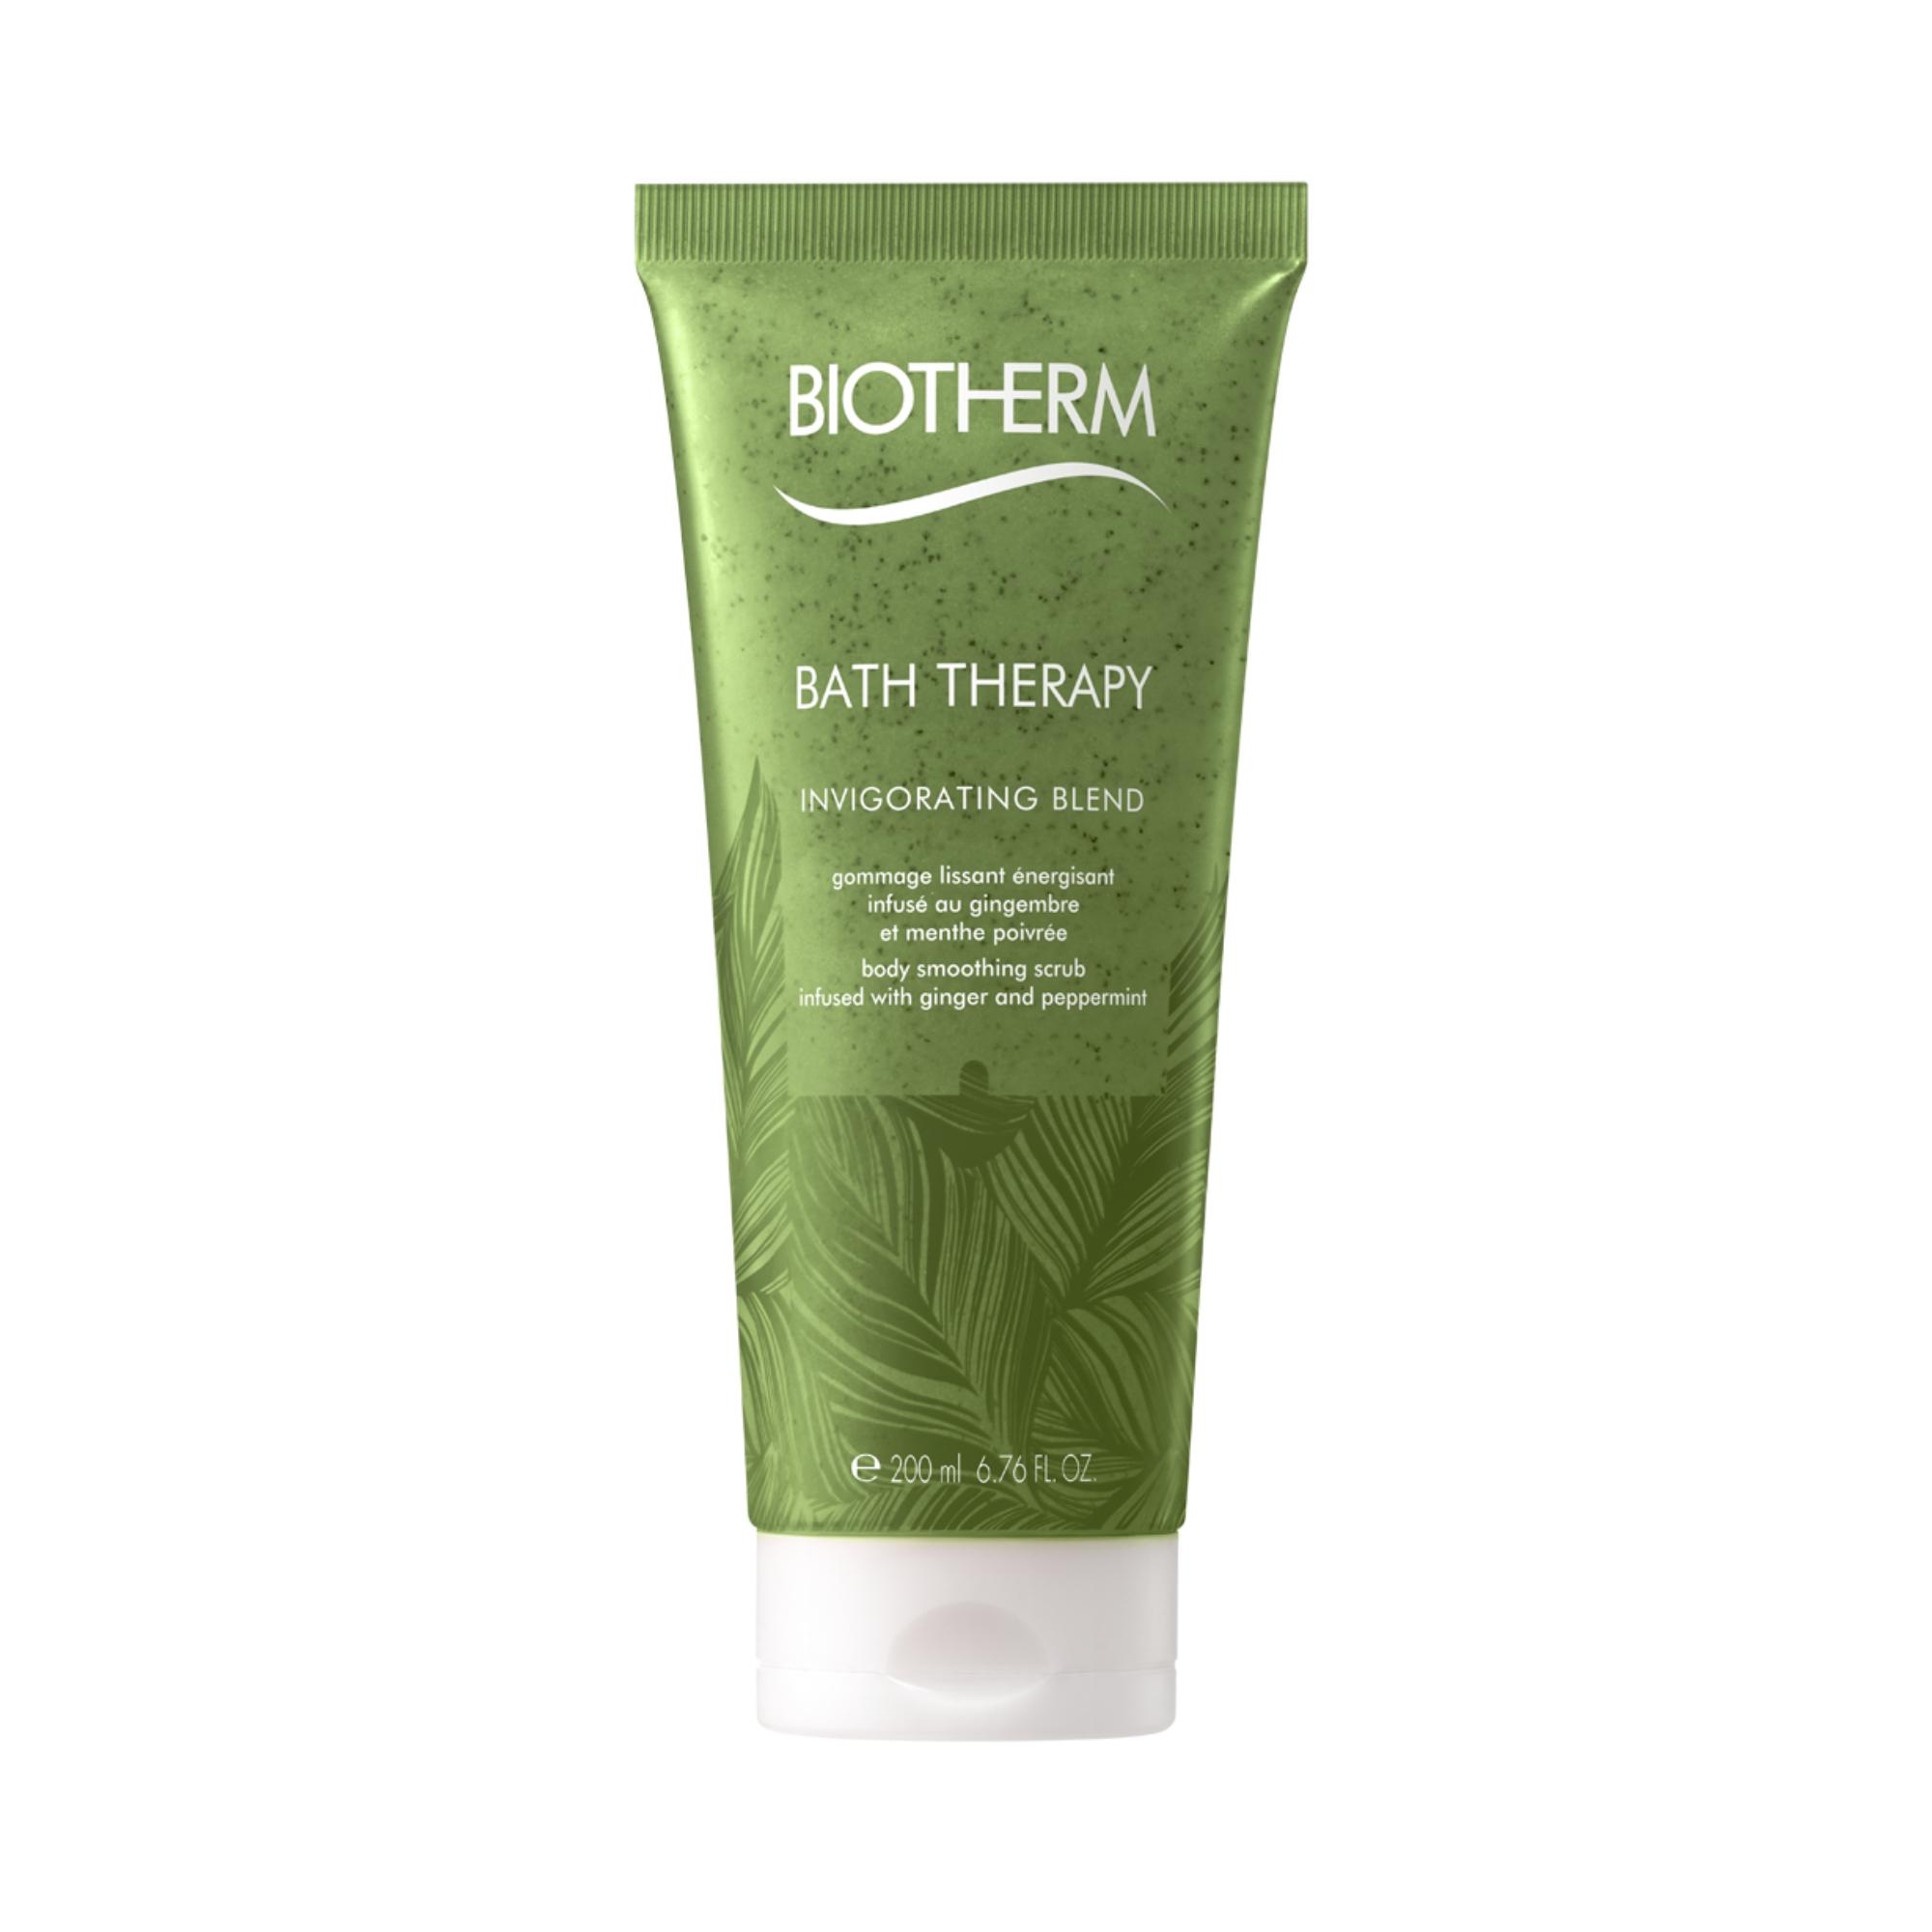 Bath Therapy Invigorating Body Scrub 200ml